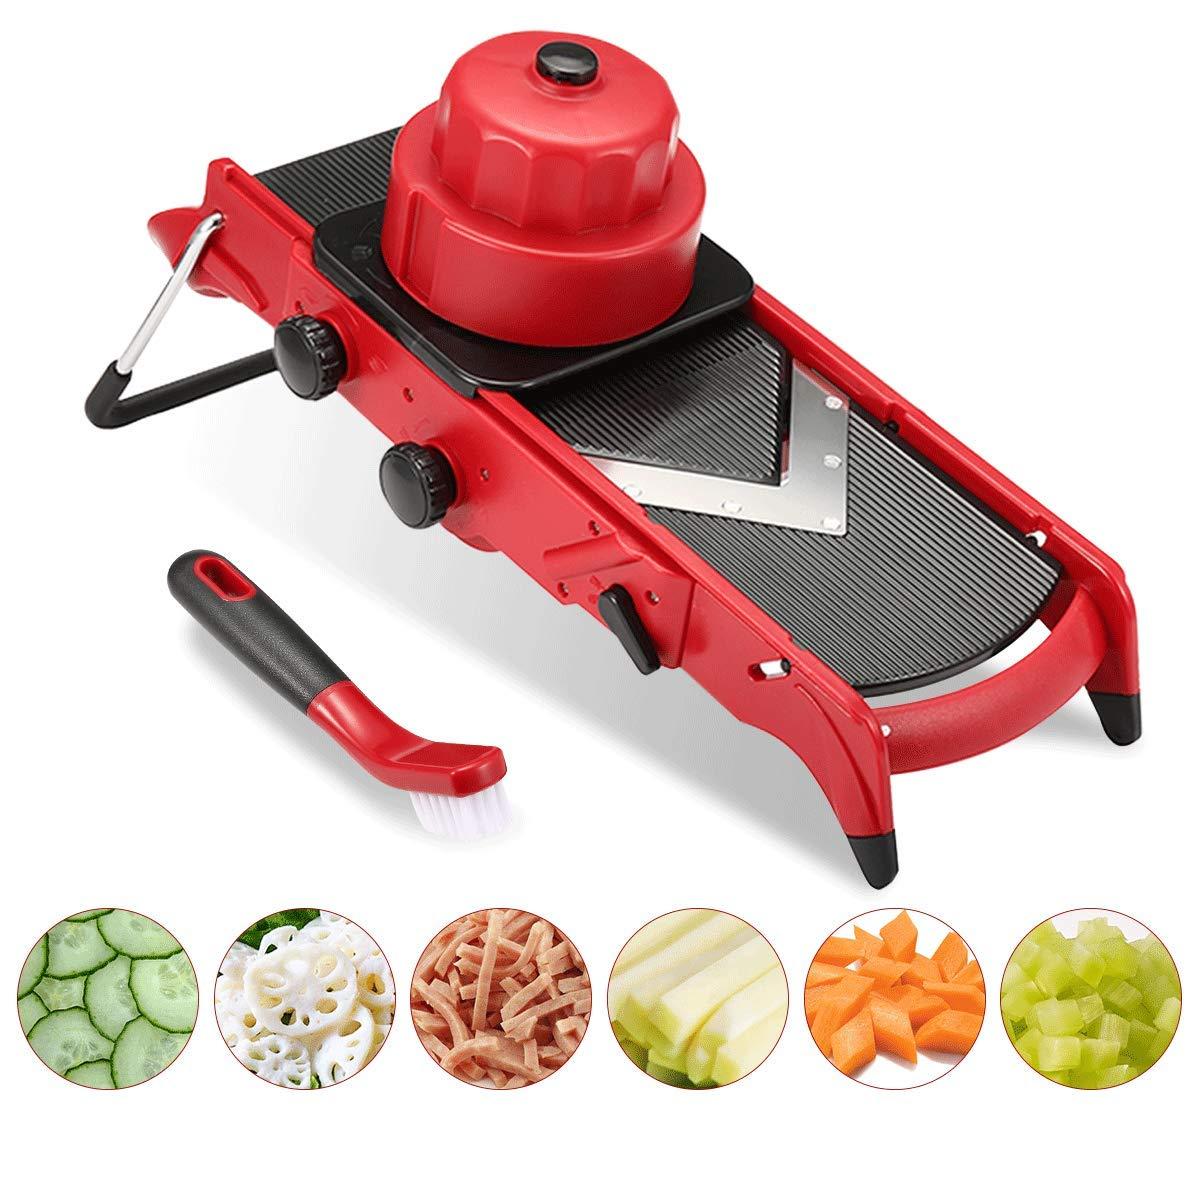 Godmorn Adjustable Vegetable Slicer,Mandoline Slicer,Multi-Function Food Slicer Fruit and Cheese Cutter, Julienne Slicer with 6/9mm Shreds+1-6mm Slices+Cleaning Brush+Safety Sleeve Vegetable Slicer Ovemiliya